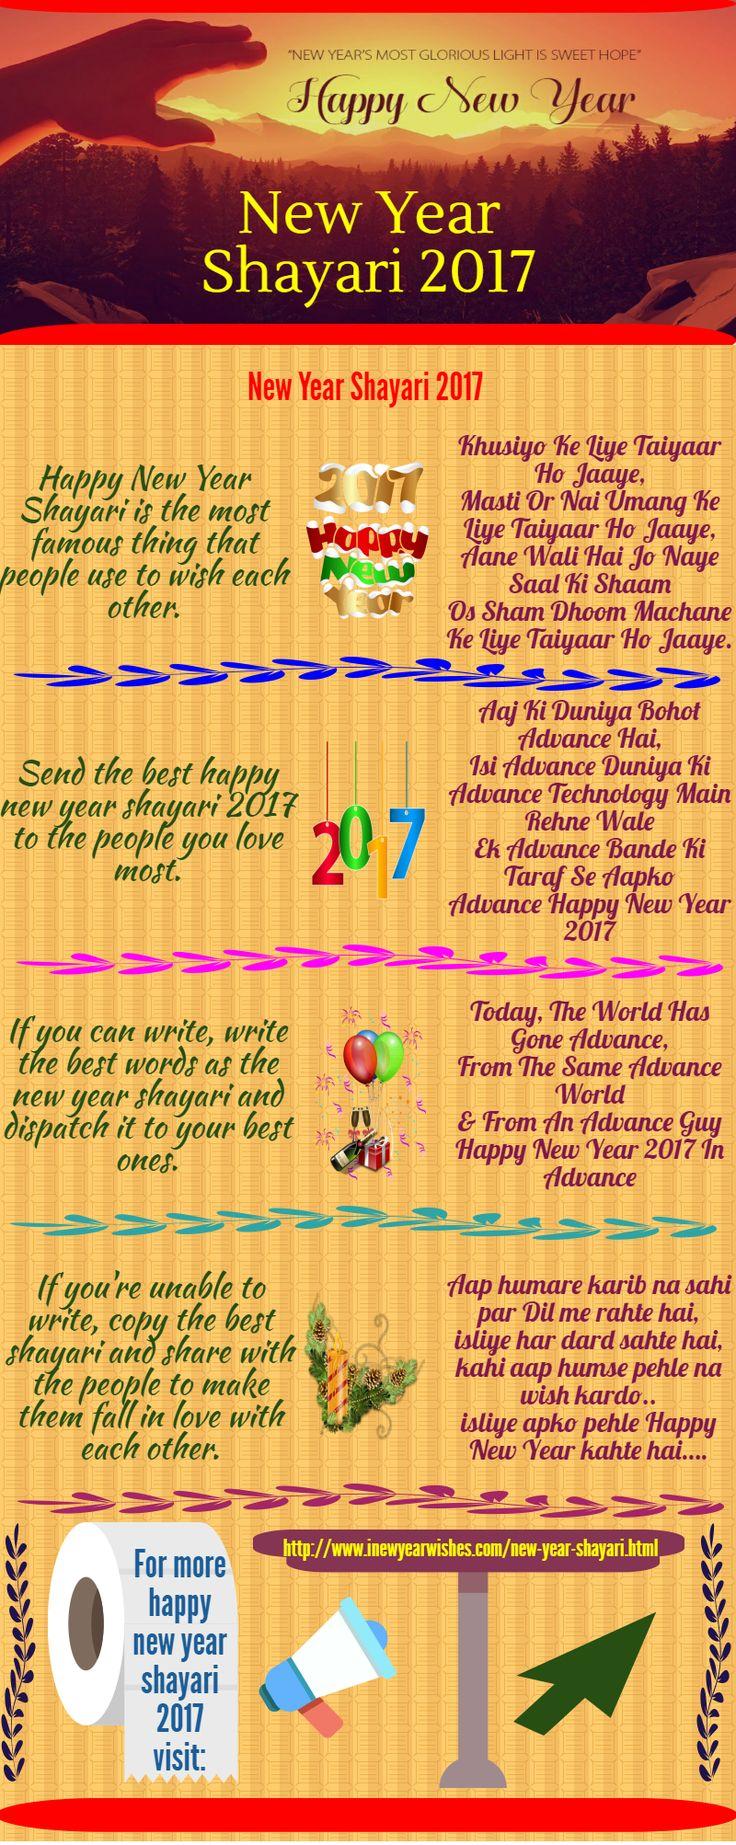 wedding anniversary wishes shayari in hindi%0A Happy New Year      Shayari  Naye Saal Ki Shayari